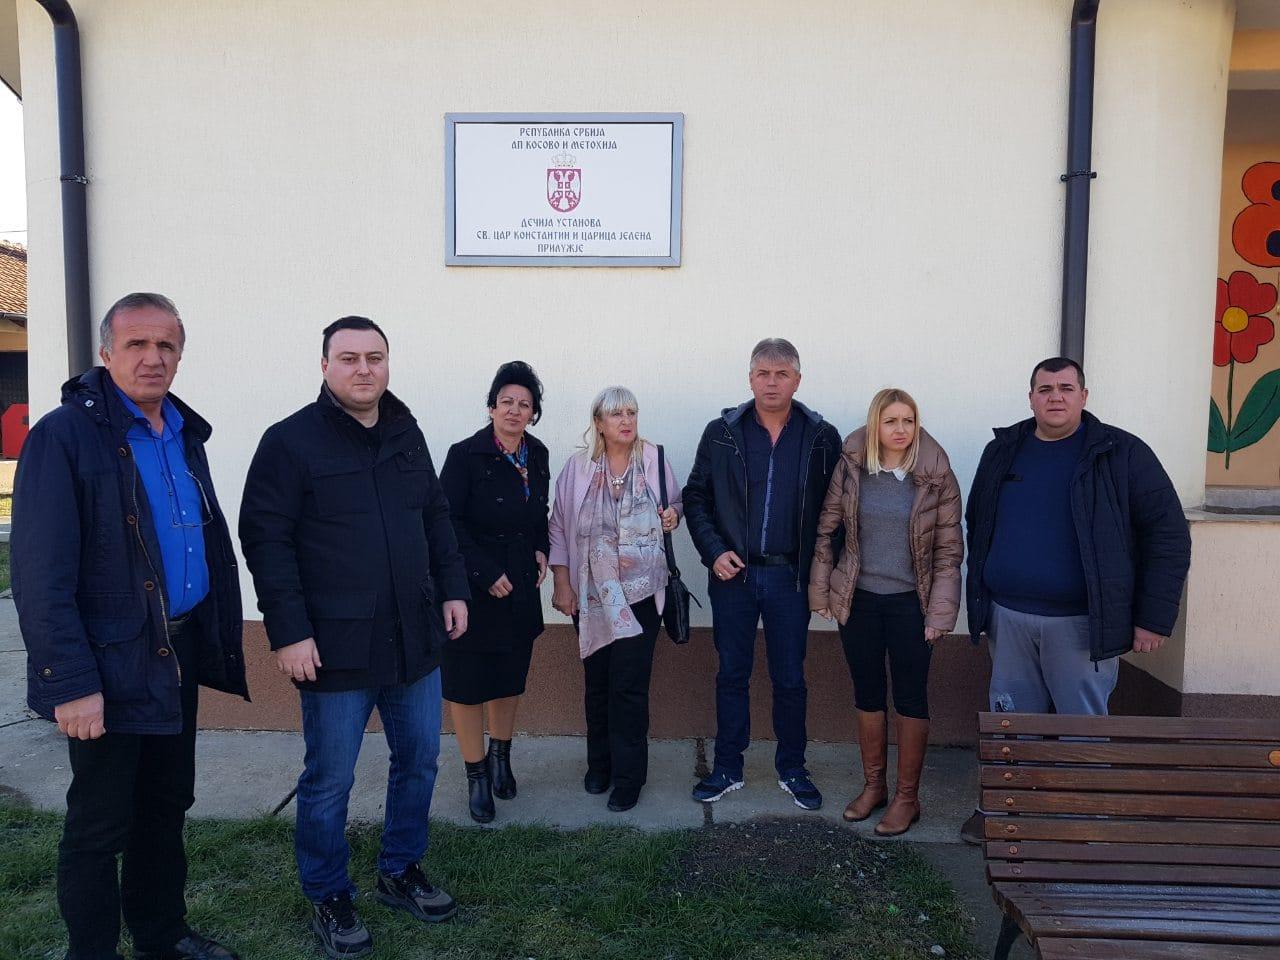 Чучковић посетио српско насеље Прилужје на Косову и Метохији